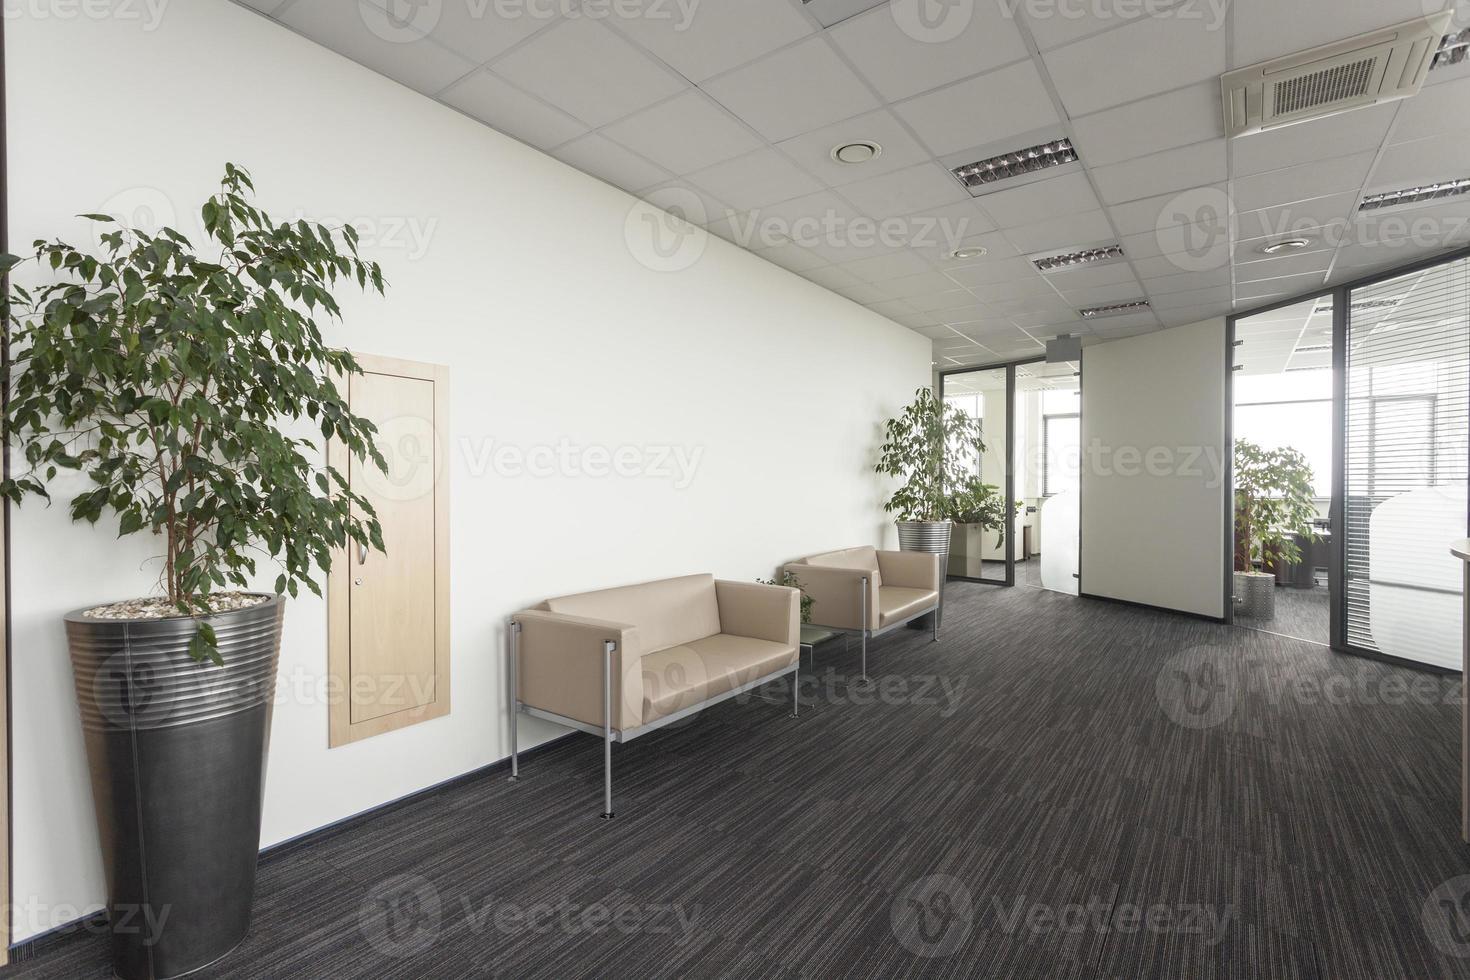 Una gran área de oficina con un diseño interior moderno y sofás foto